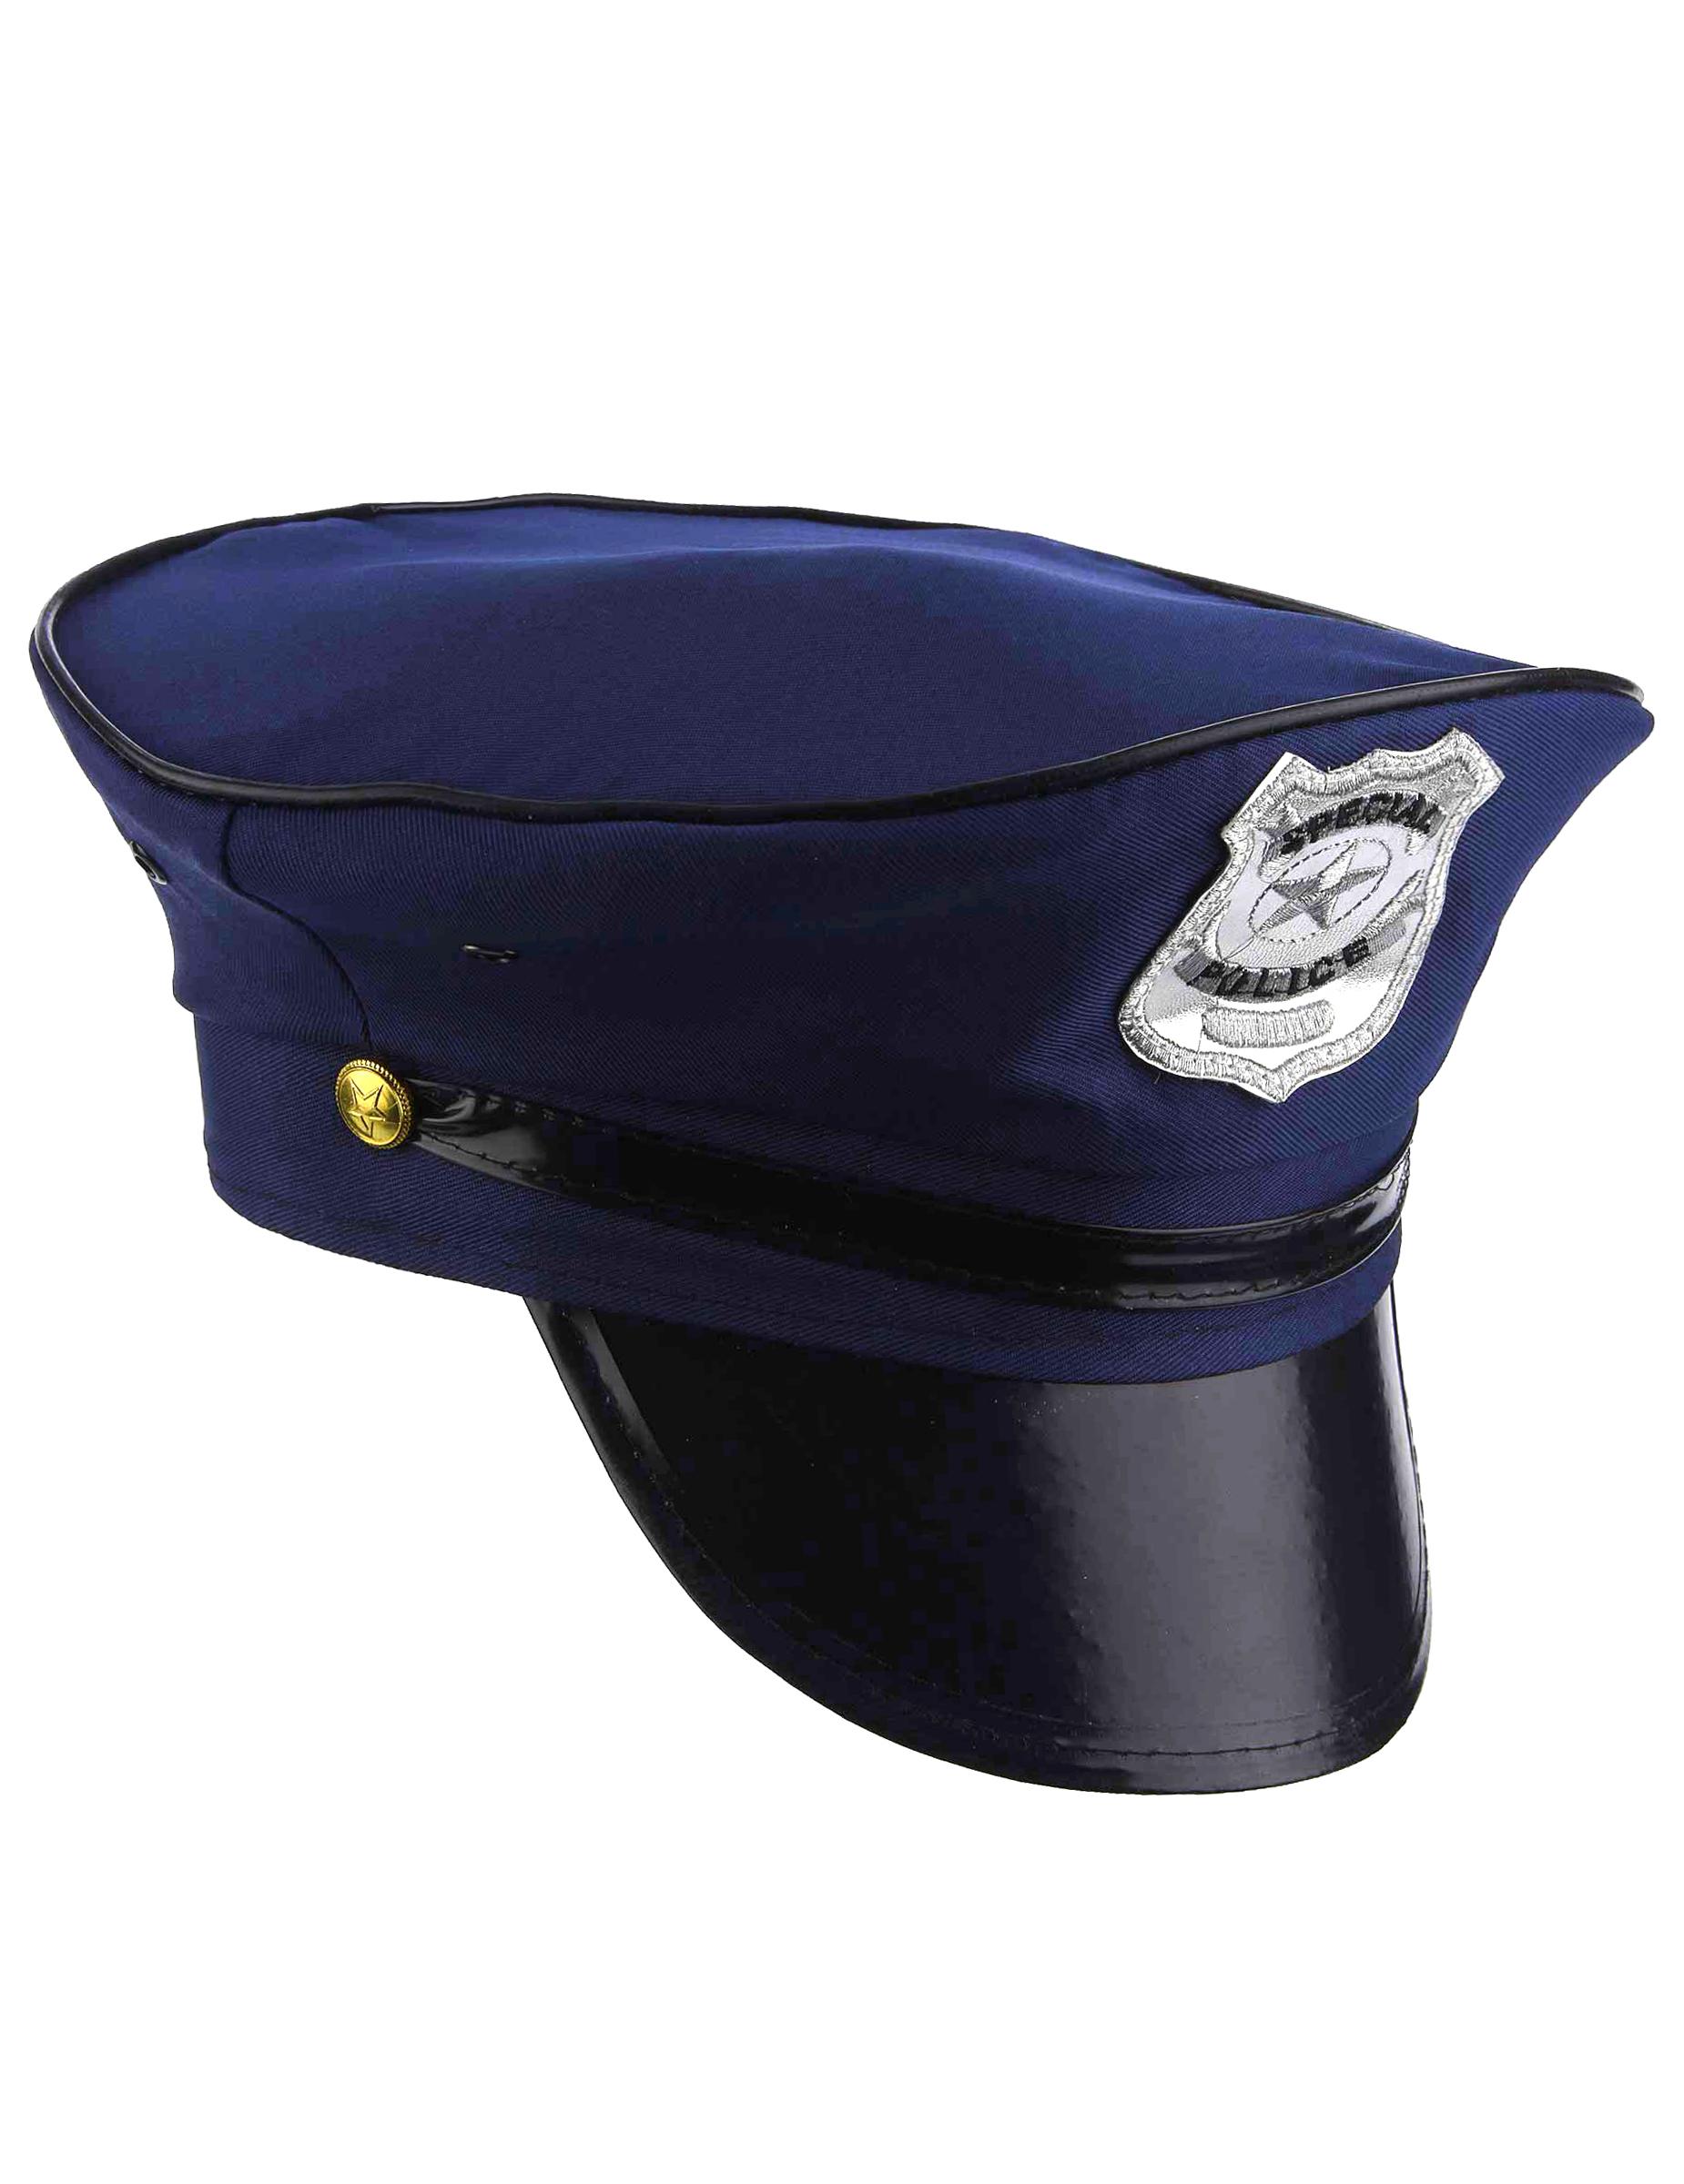 Boina de polícia para adulto 3eb2db282e5